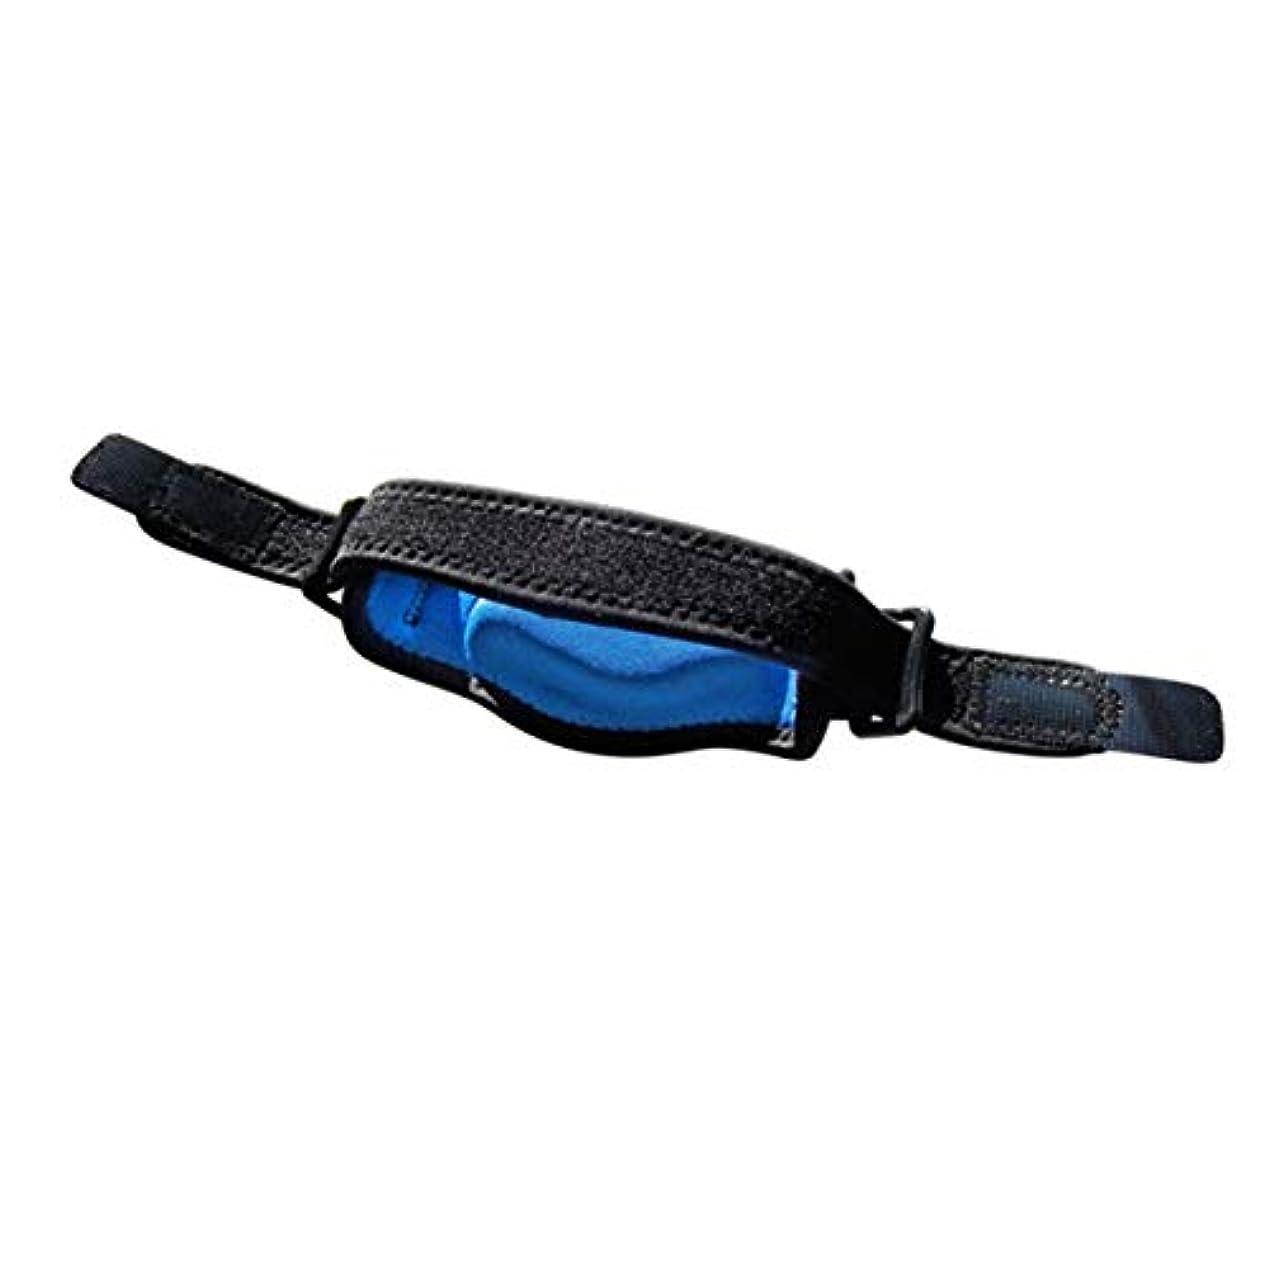 グレーわざわざ文献調節可能なテニス肘サポートストラップブレースゴルフ前腕痛み緩和